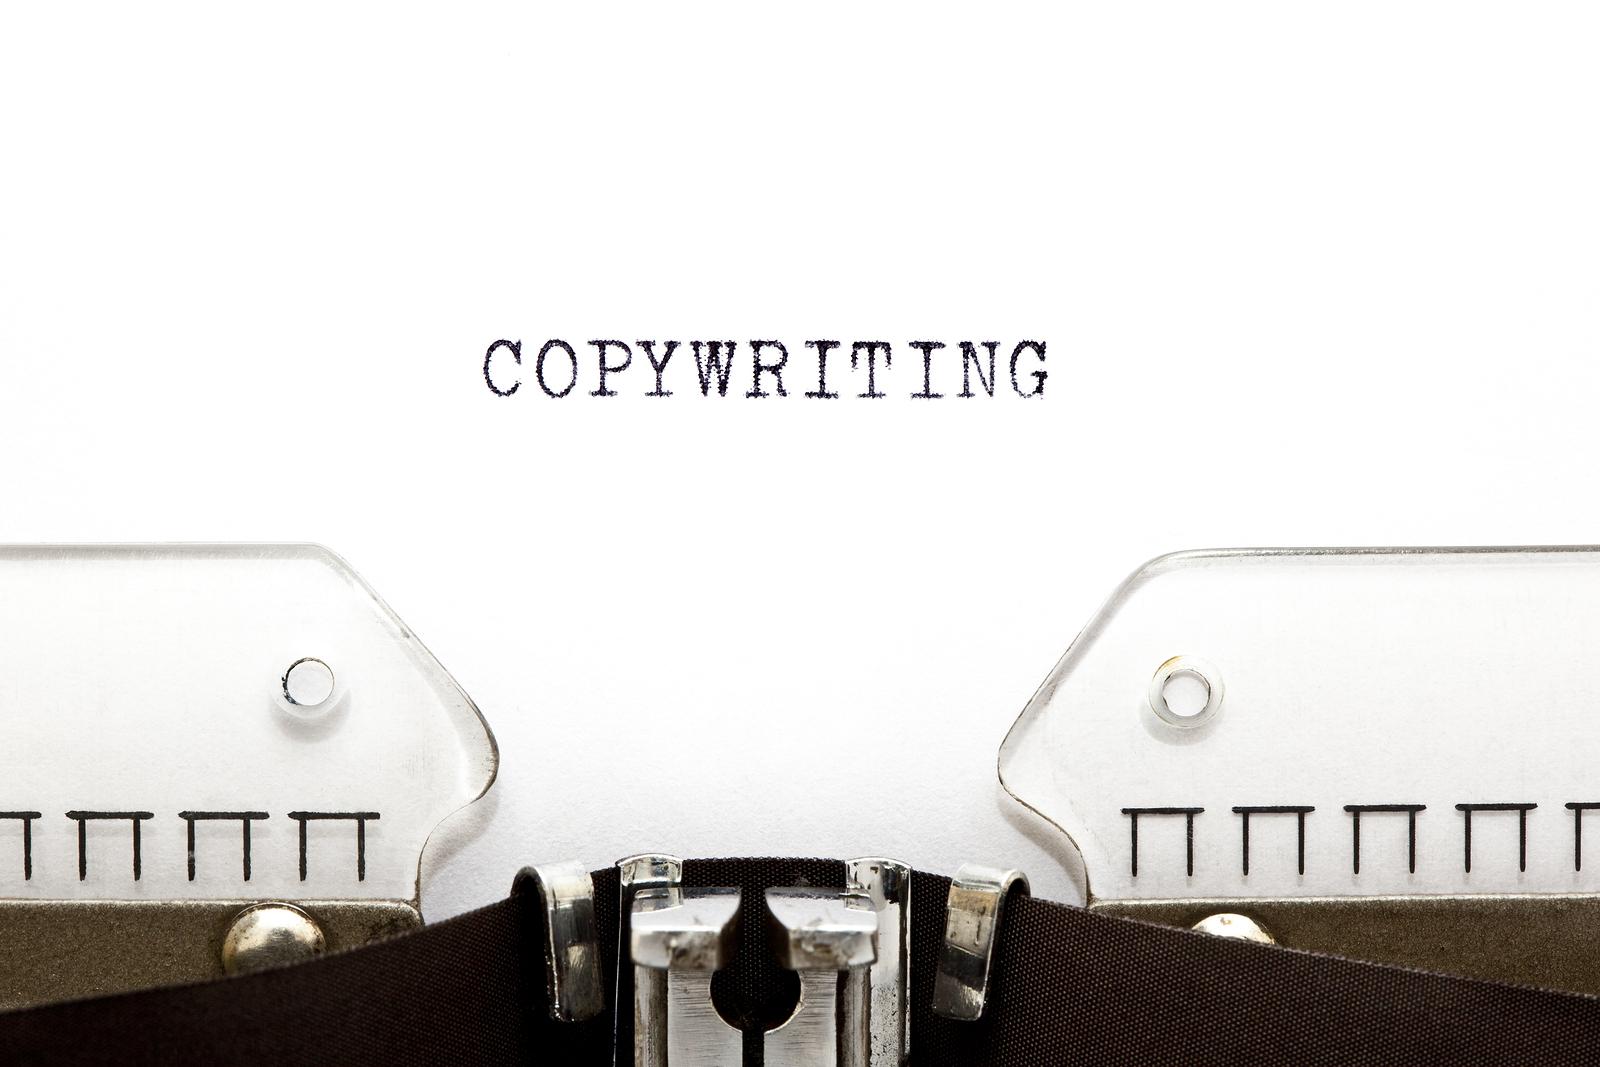 Está escrito Copywriting em uma máquina de escrever